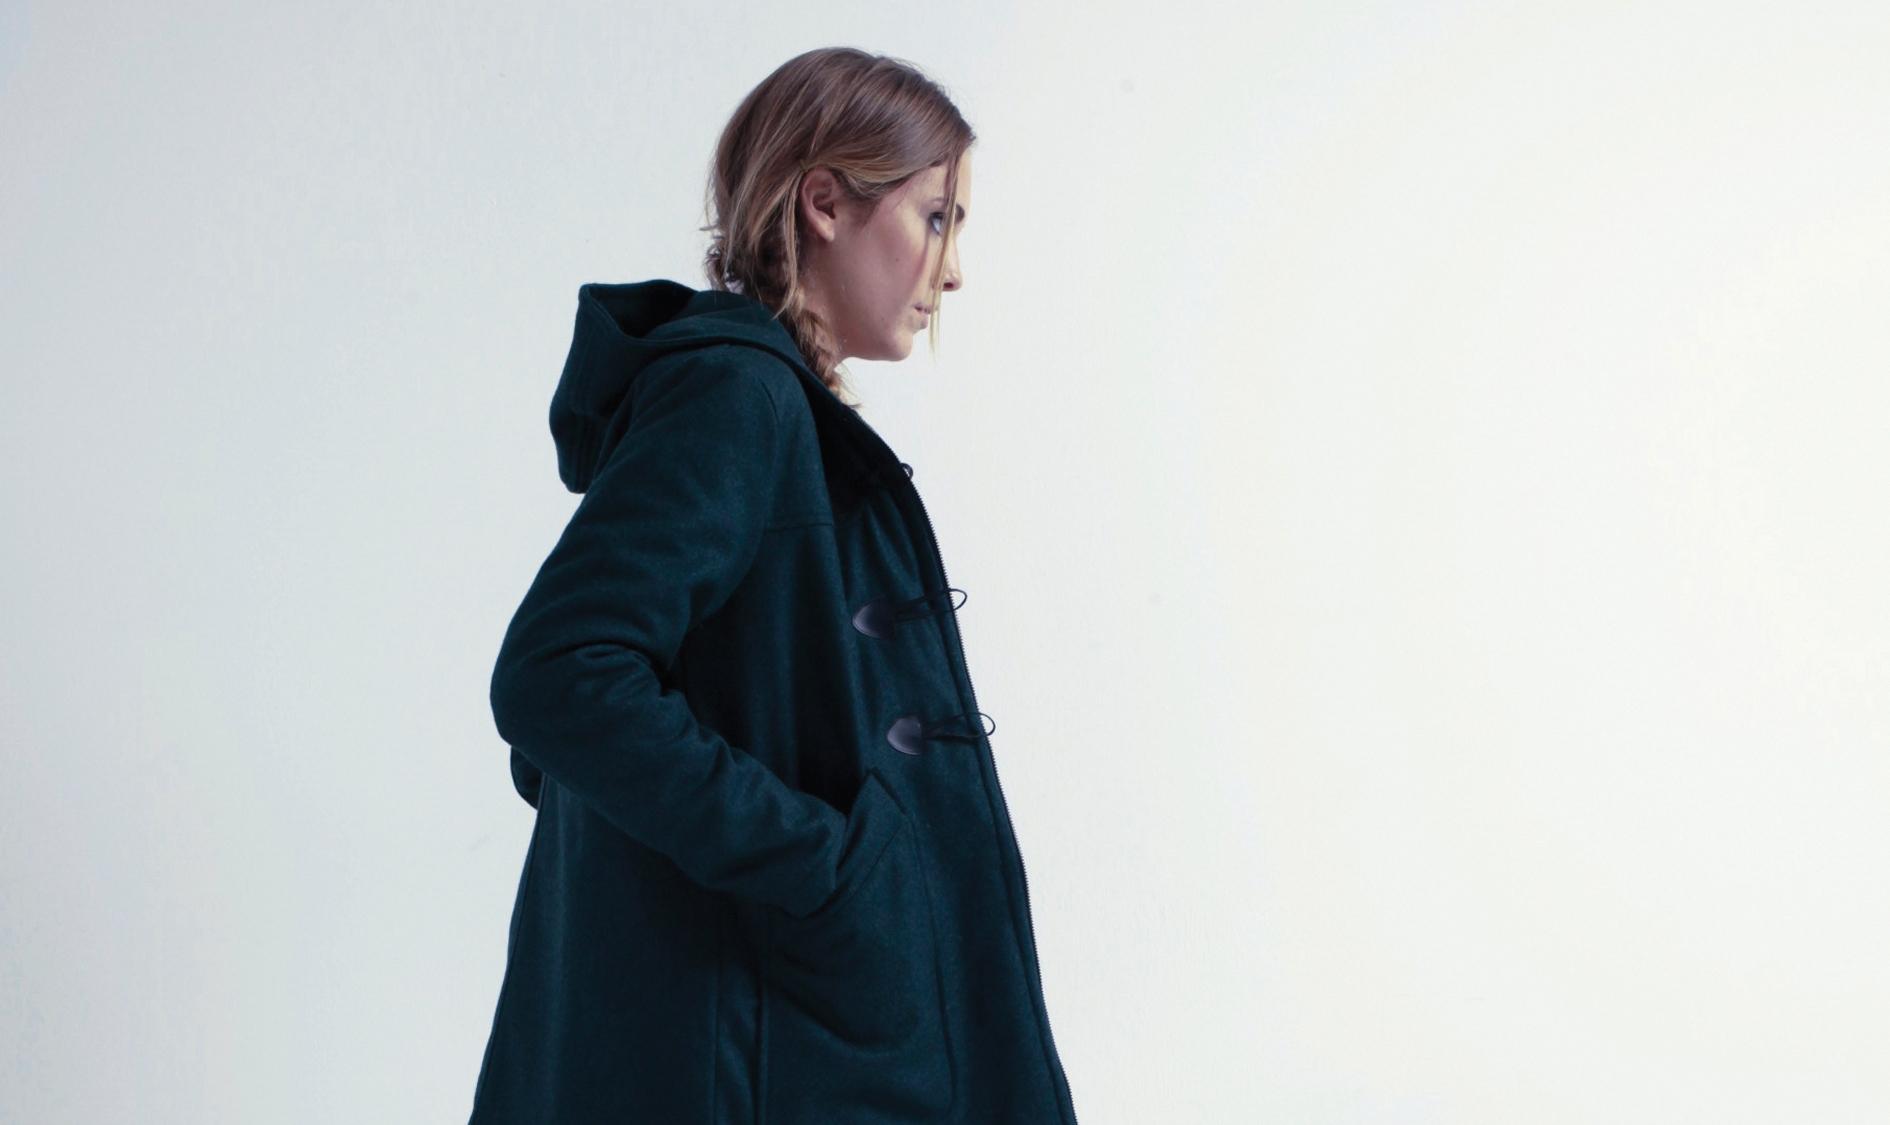 Loreak Mendian FW 12. Chicas al abrigo